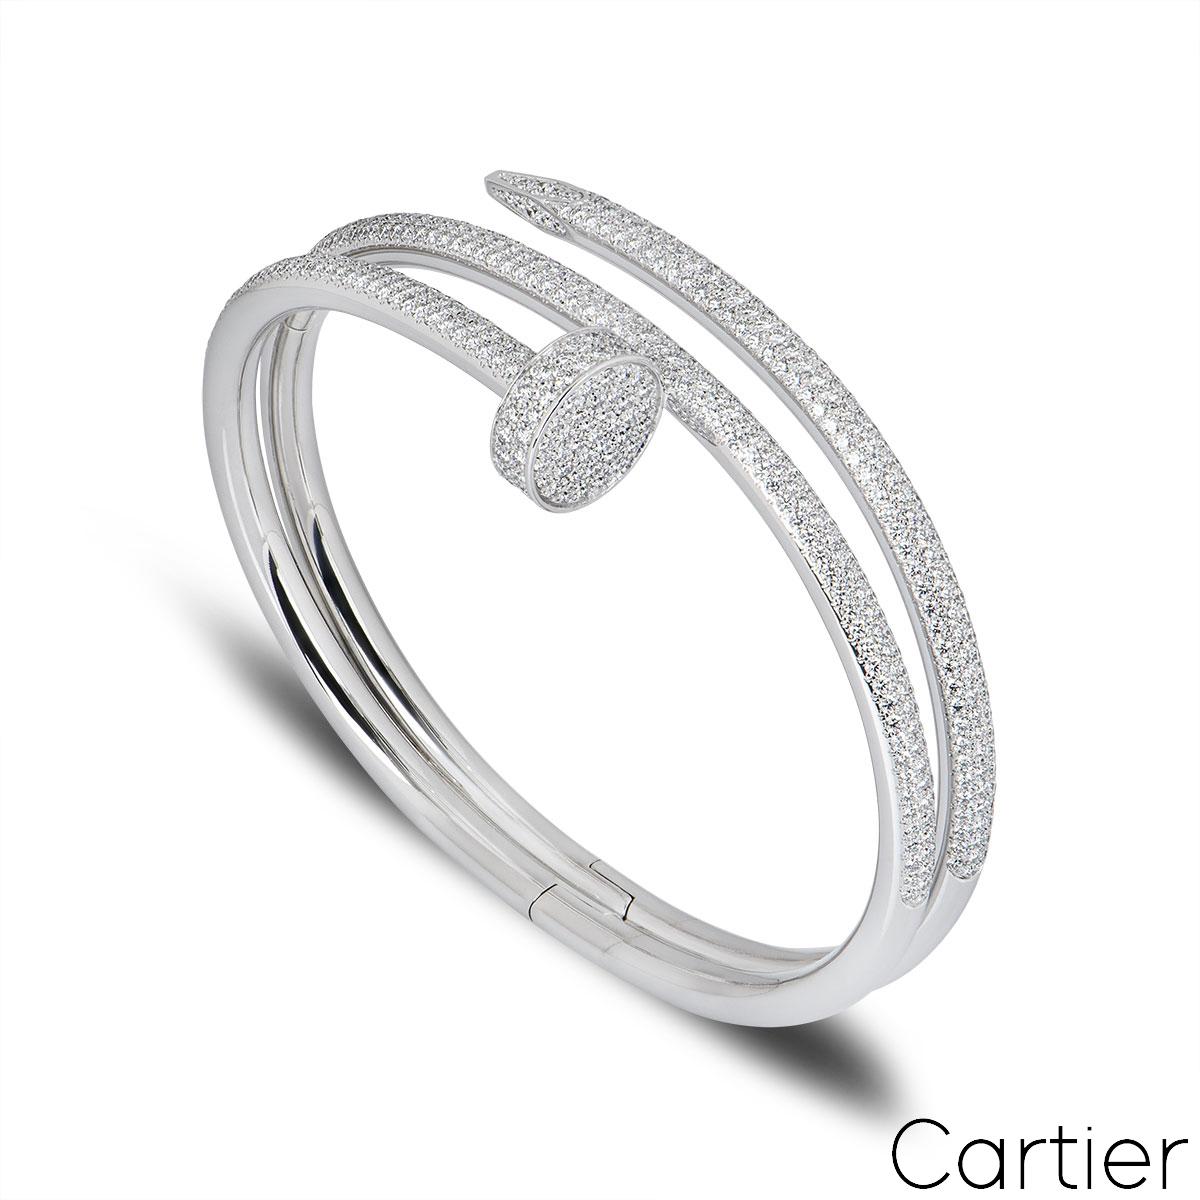 Cartier White Gold Diamond Juste Un Clou Bracelet Size 19 N6708719